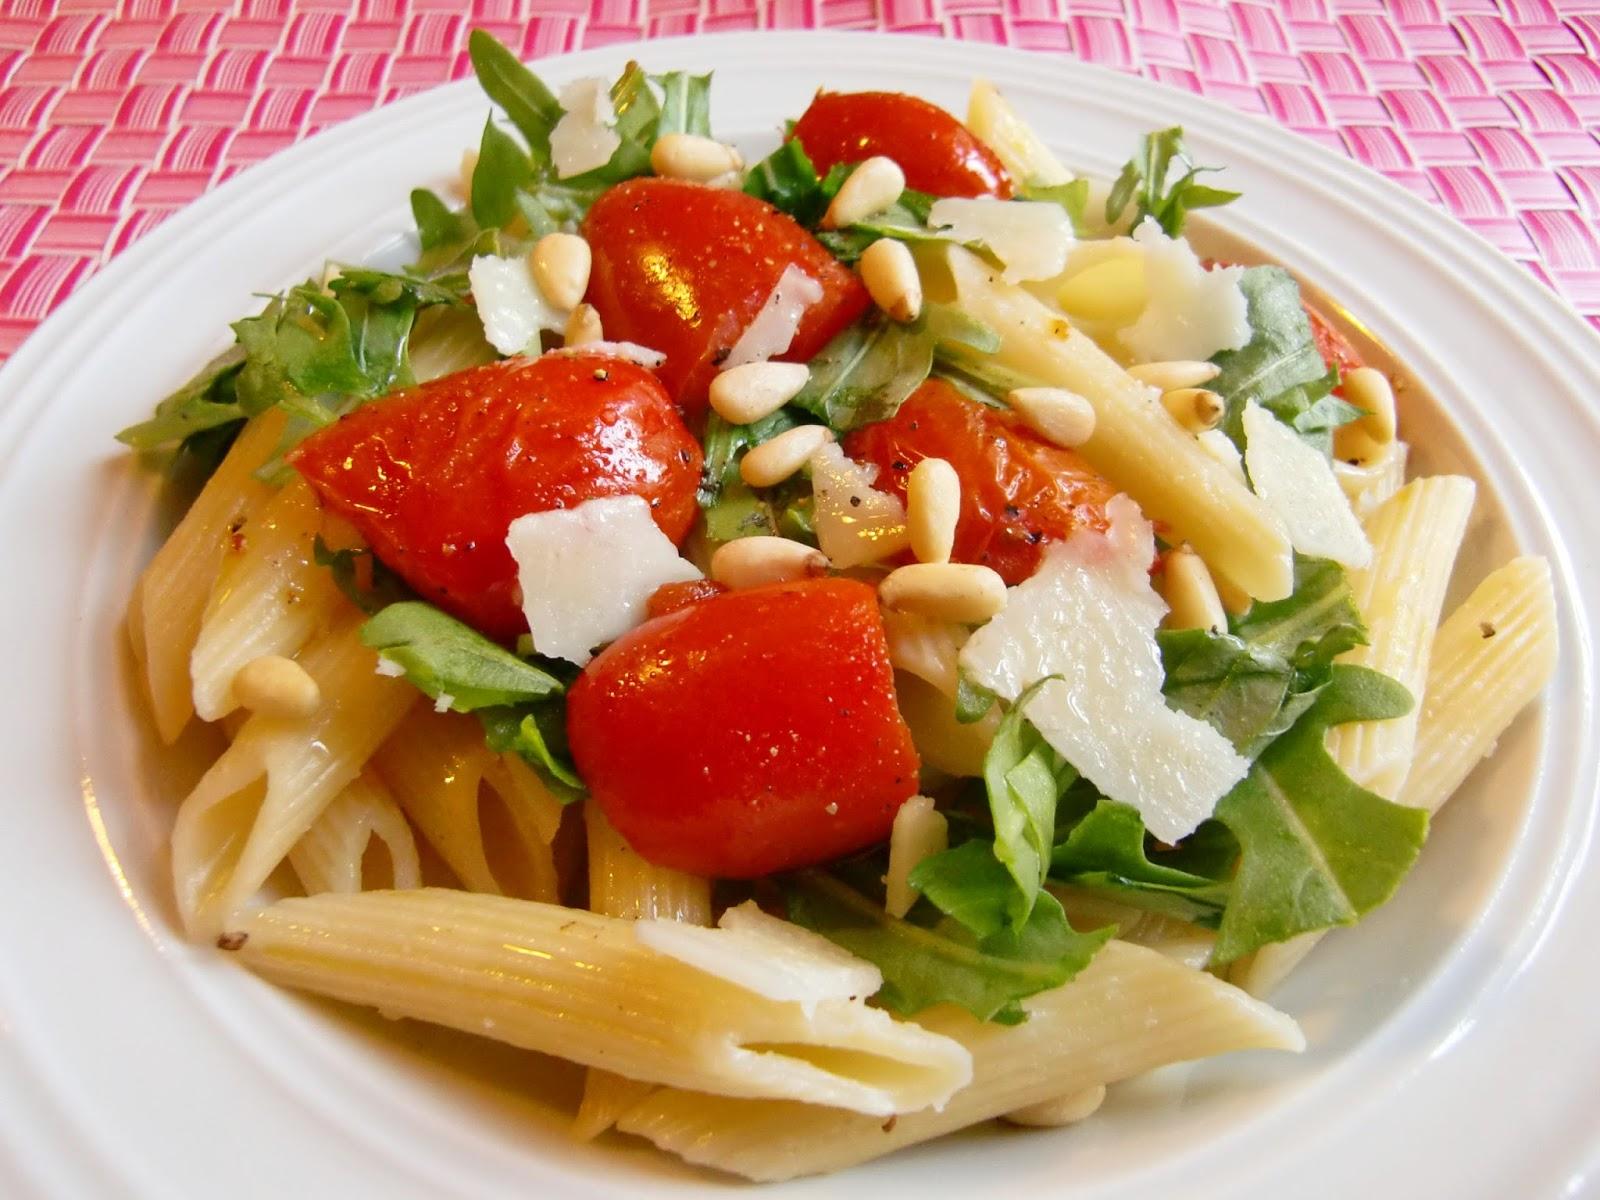 Rezept Penne mit Rucola, Tomaten und Pinienkernen